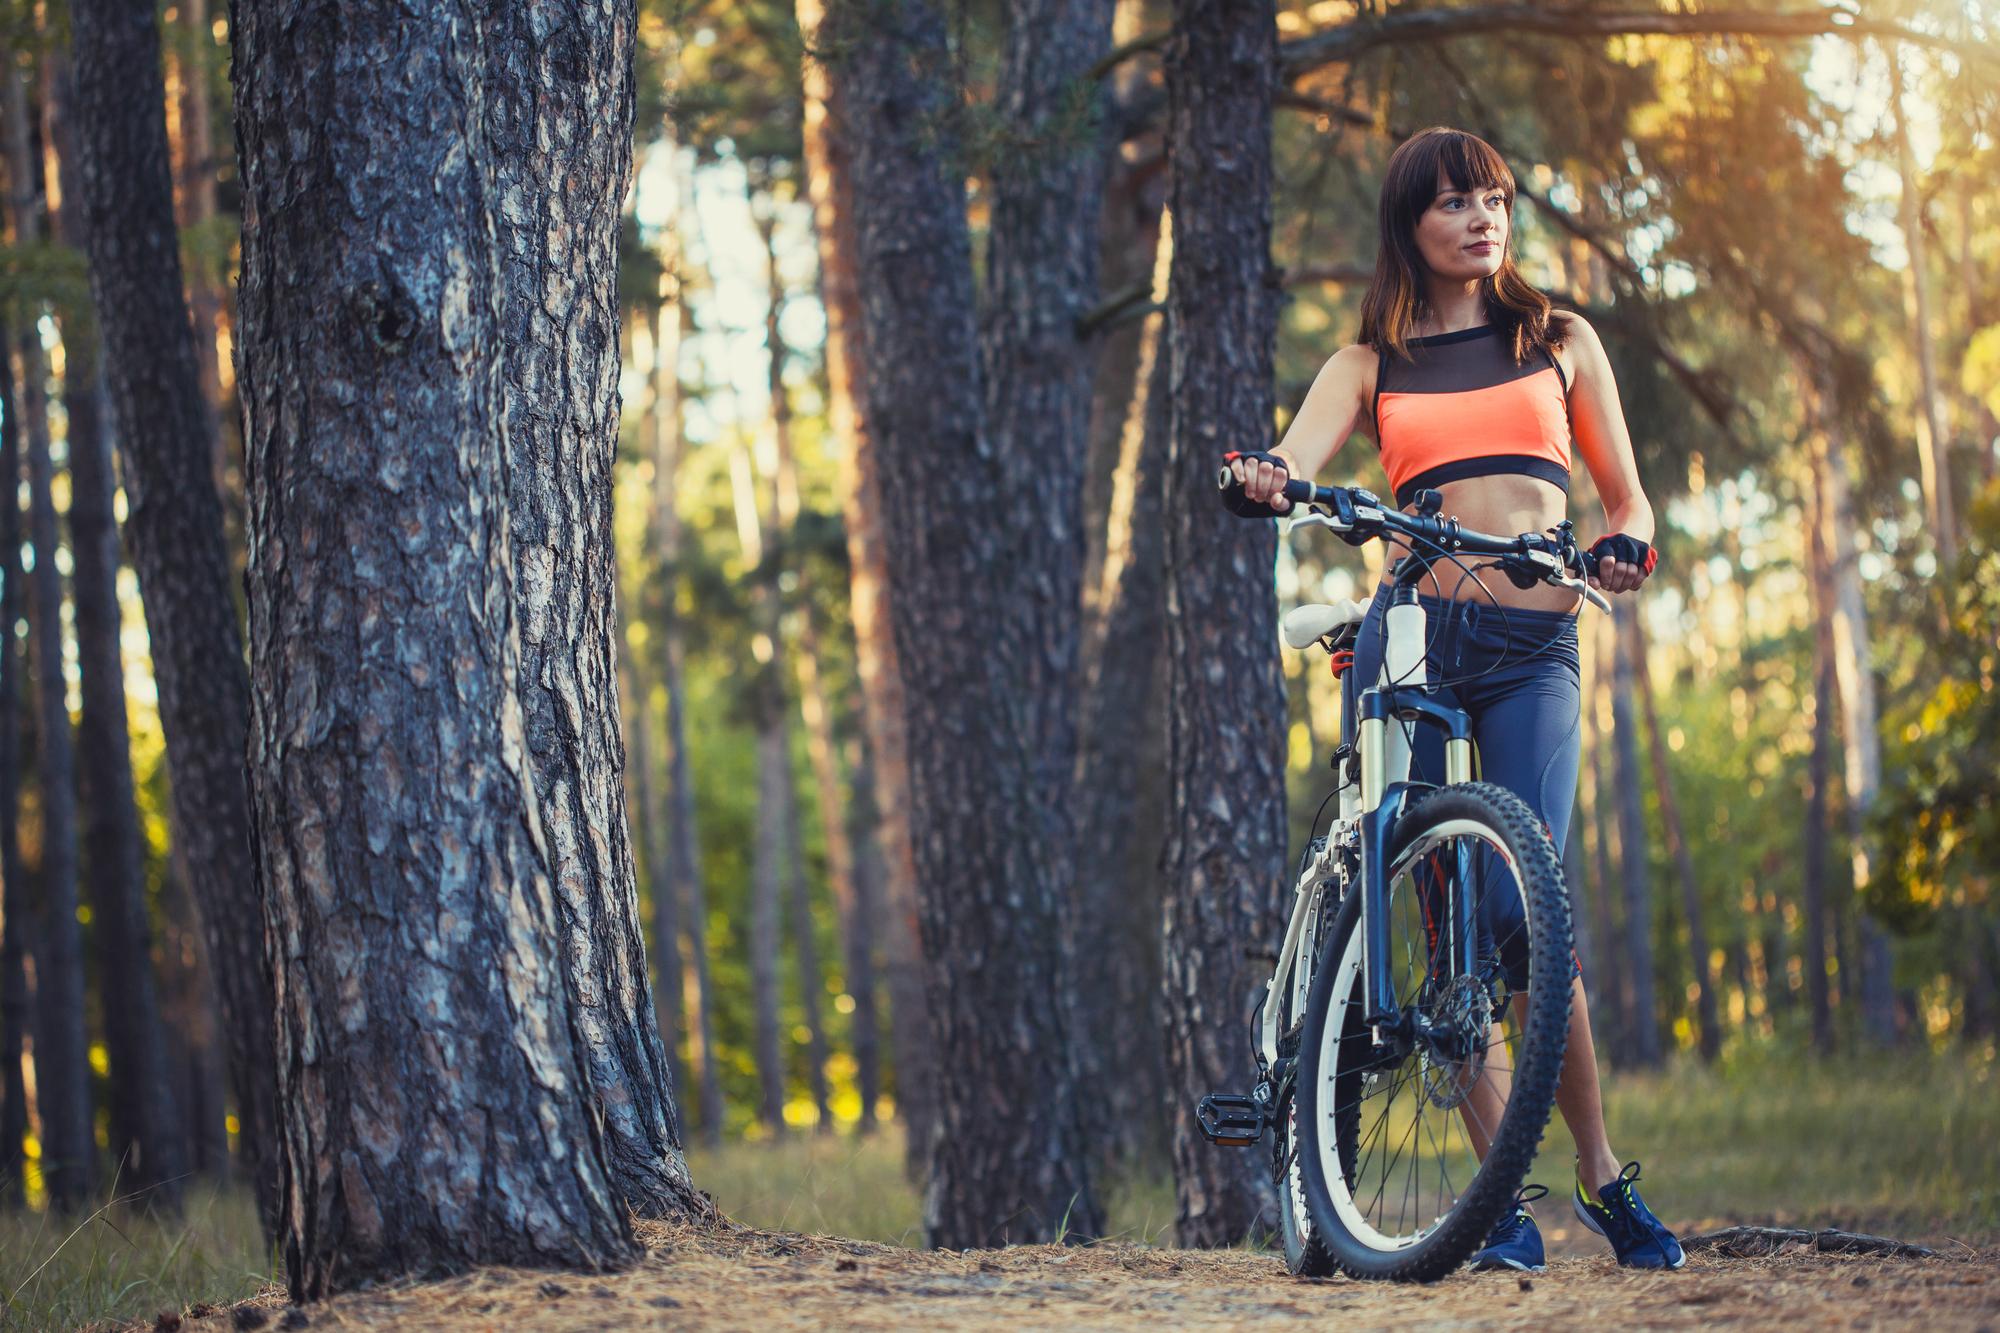 初めての方必見!マウンテンバイクを選ぶための基本的な知識について